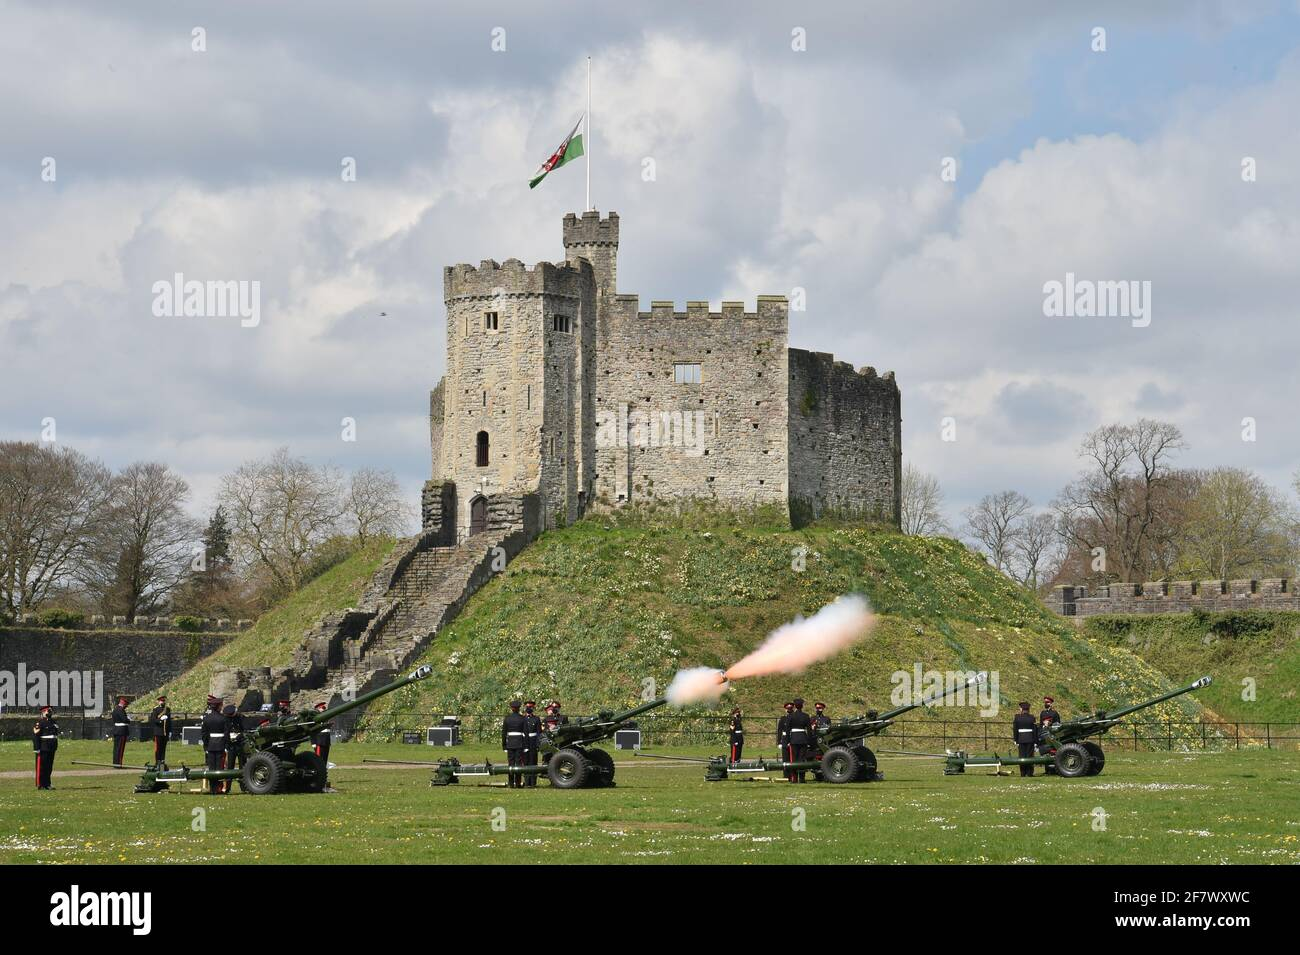 I membri del 104esimo Regiment Royal Artillery sparano un saluto di 41 armi nei terreni del Castello di Cardiff per celebrare la morte del Duca di Edimburgo. Data immagine: Sabato 10 aprile 2021. Foto Stock